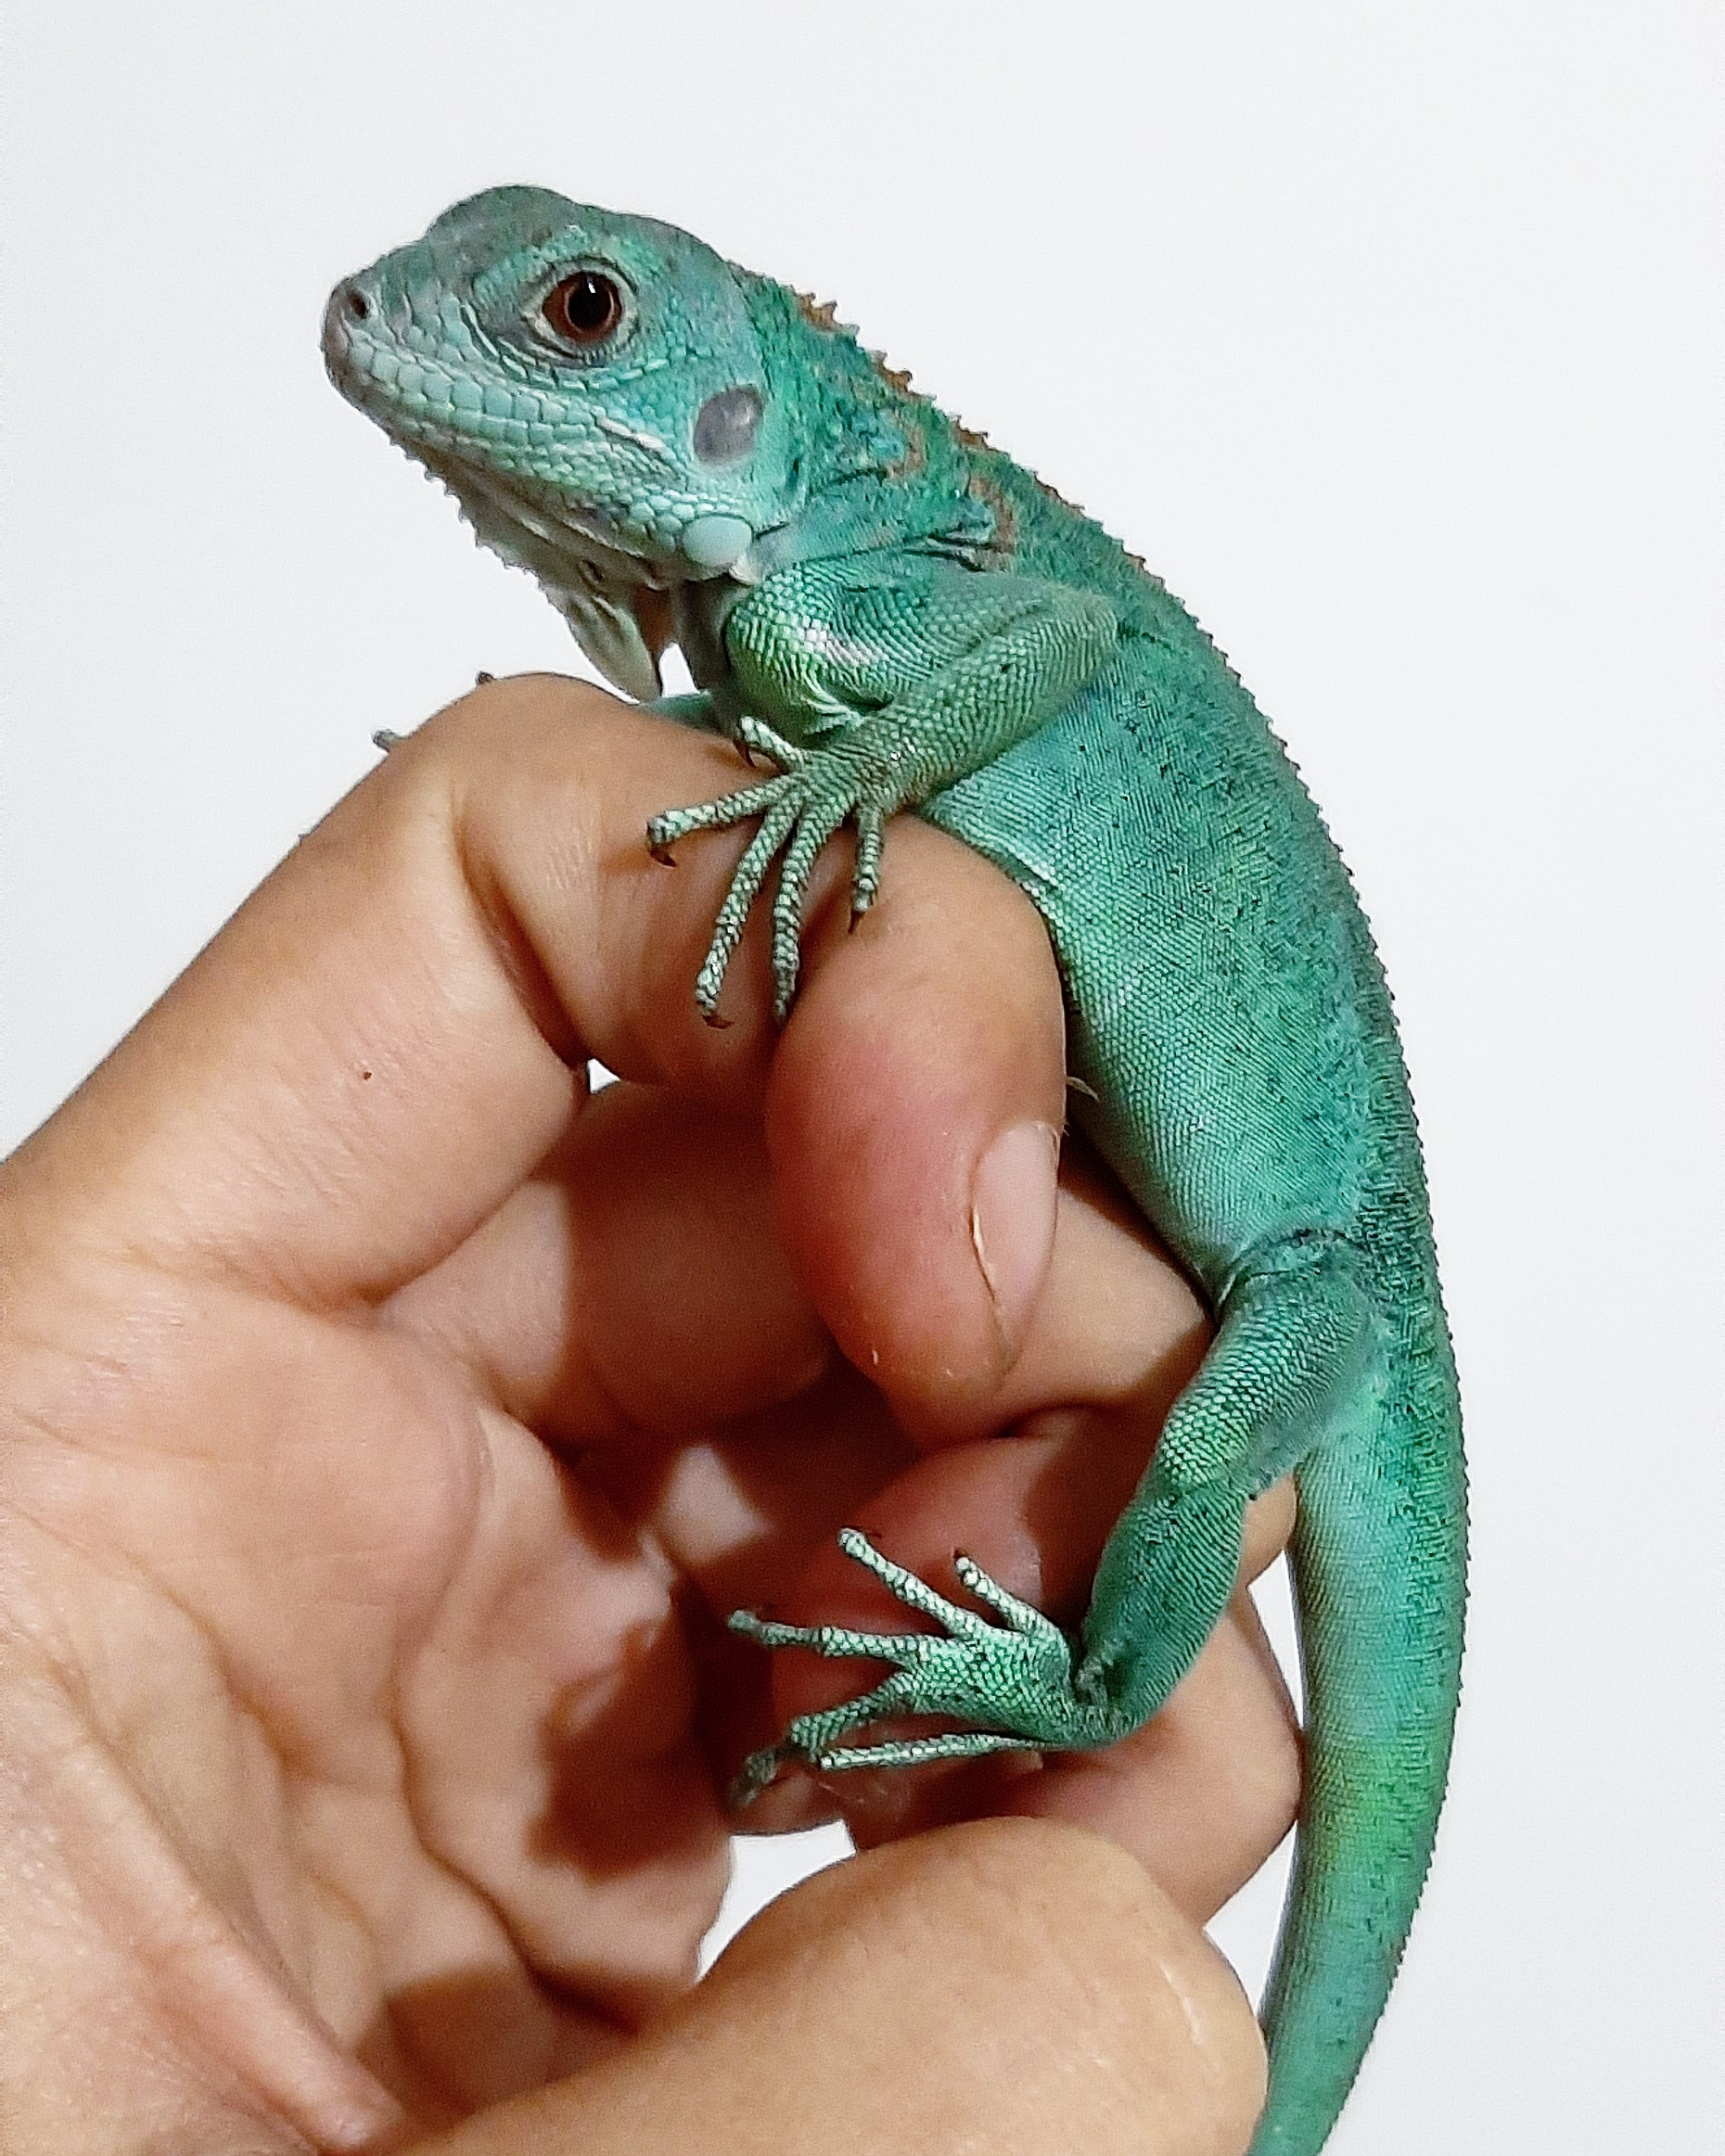 IGUANA BABY BLUE BETINA